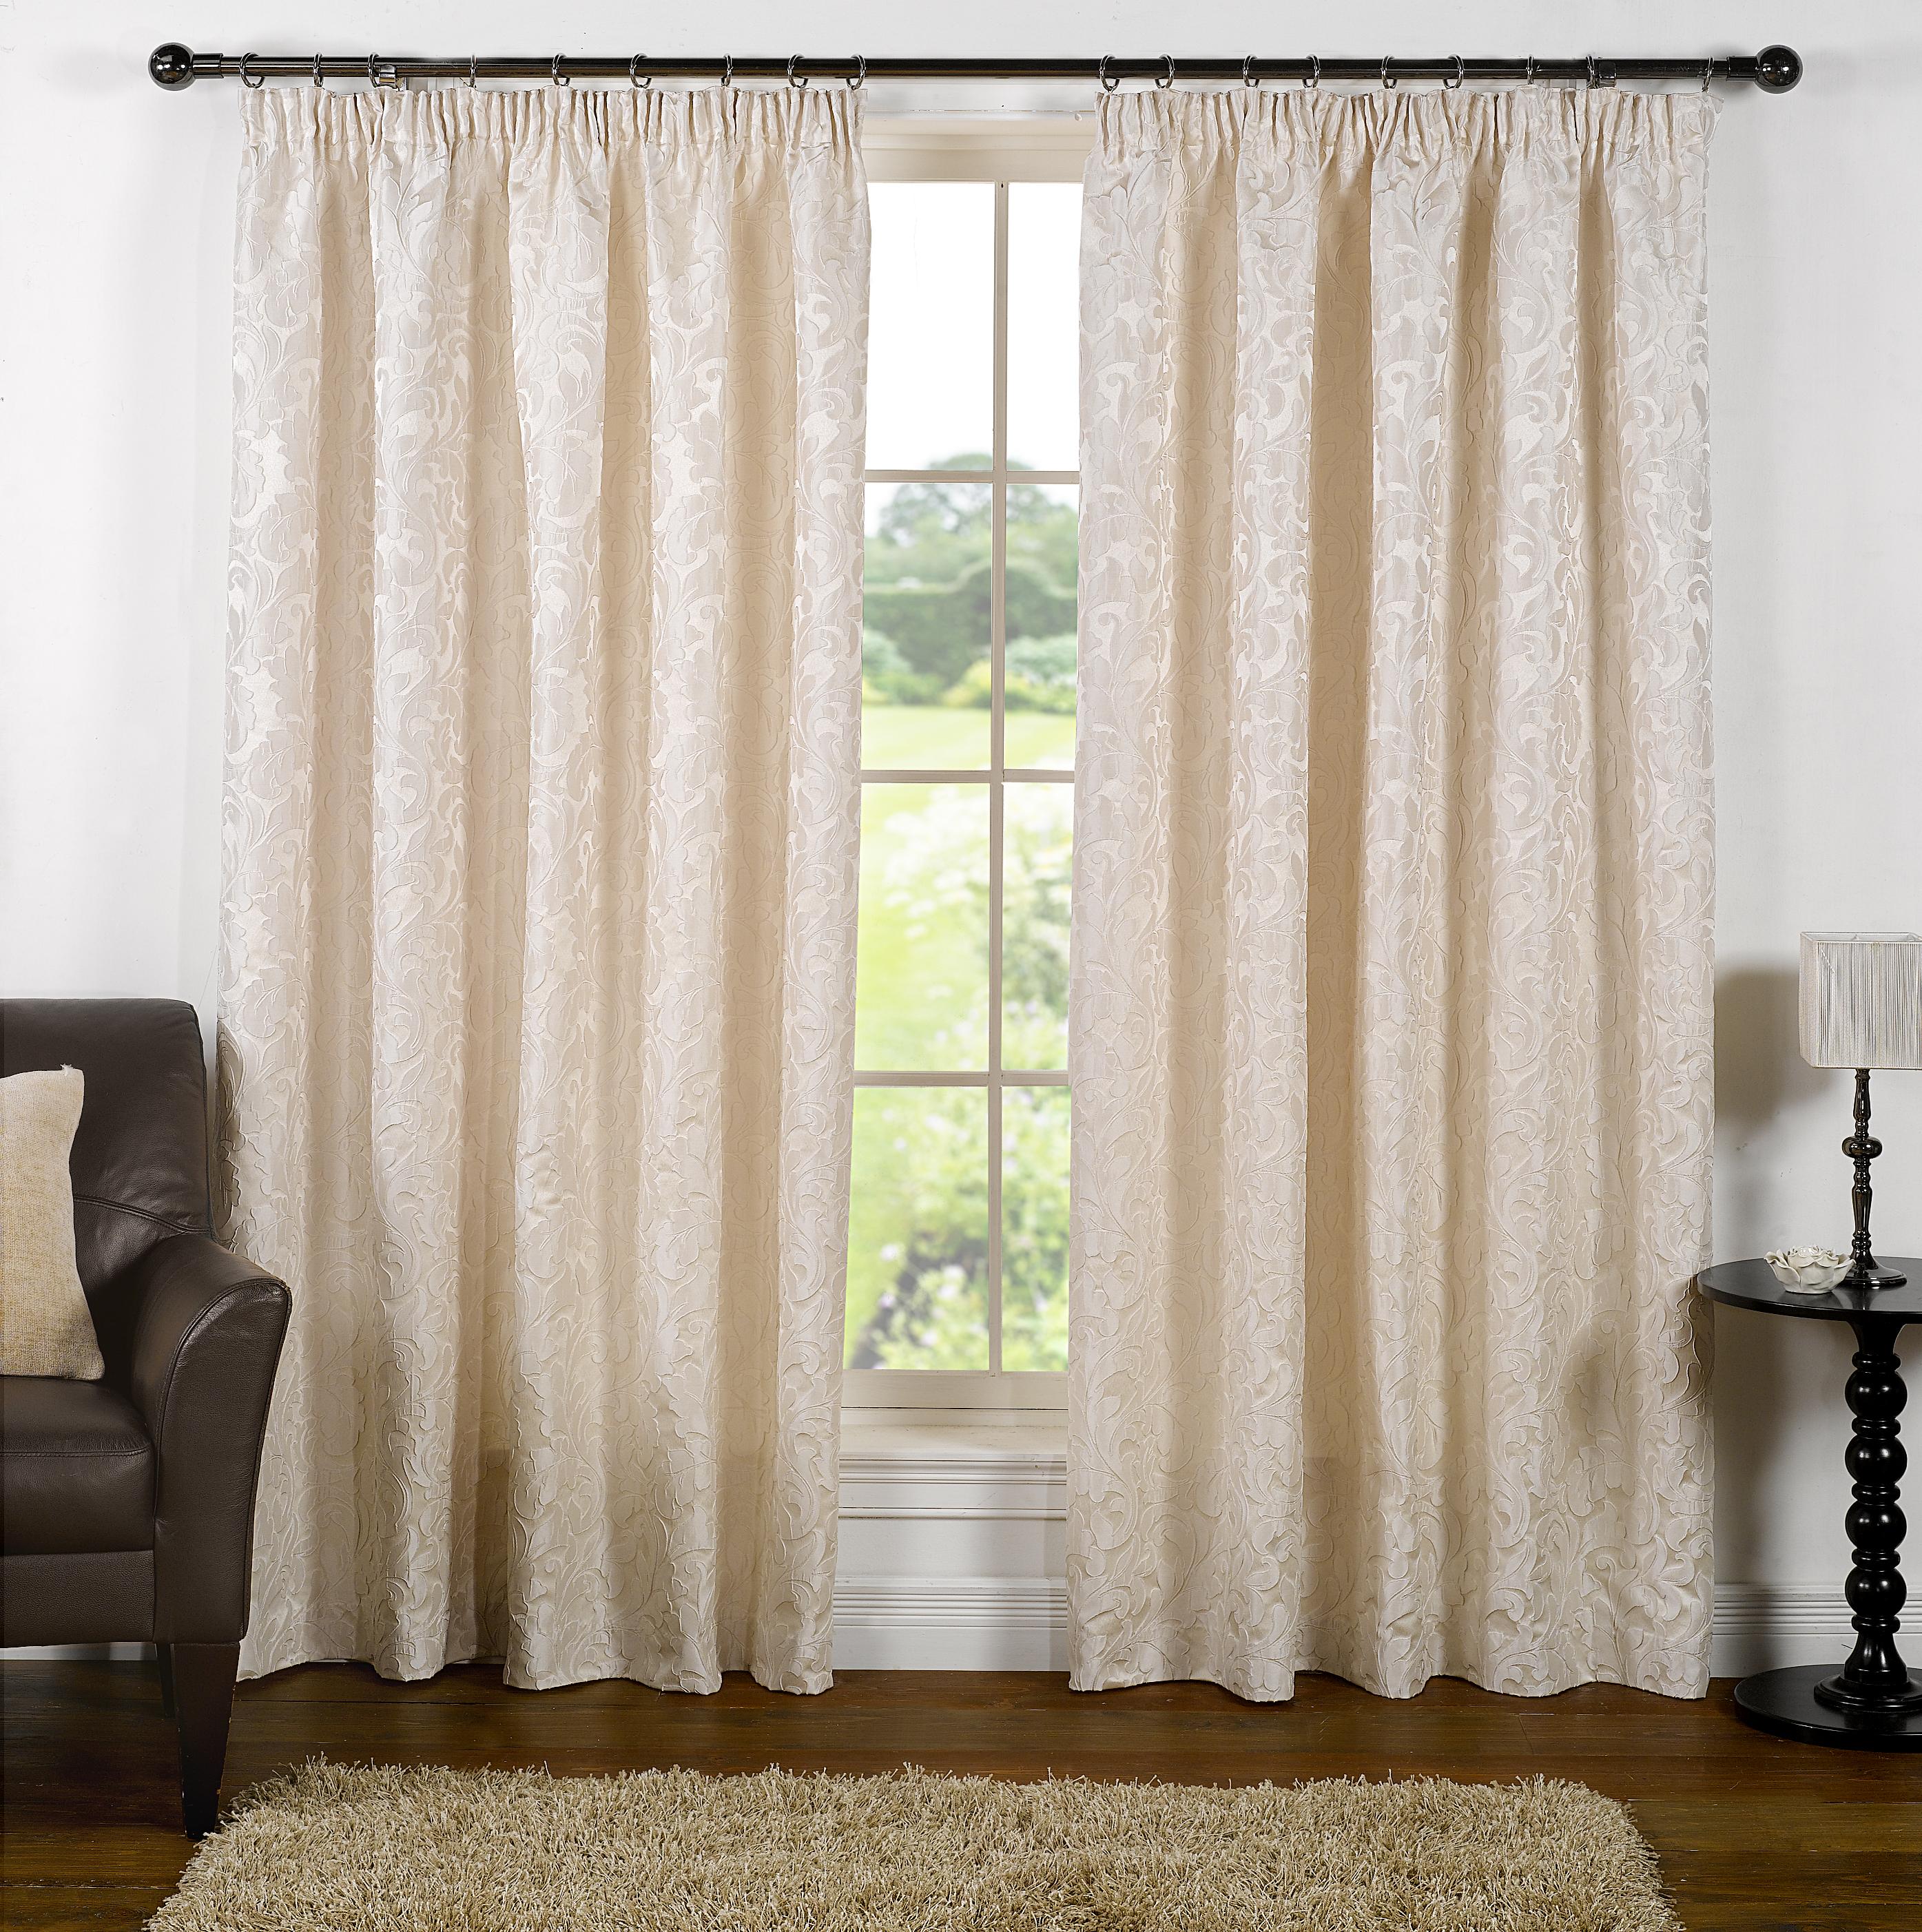 rideaux ruban en jacquard avec embrasses doubl s toutes les tailles ebay. Black Bedroom Furniture Sets. Home Design Ideas